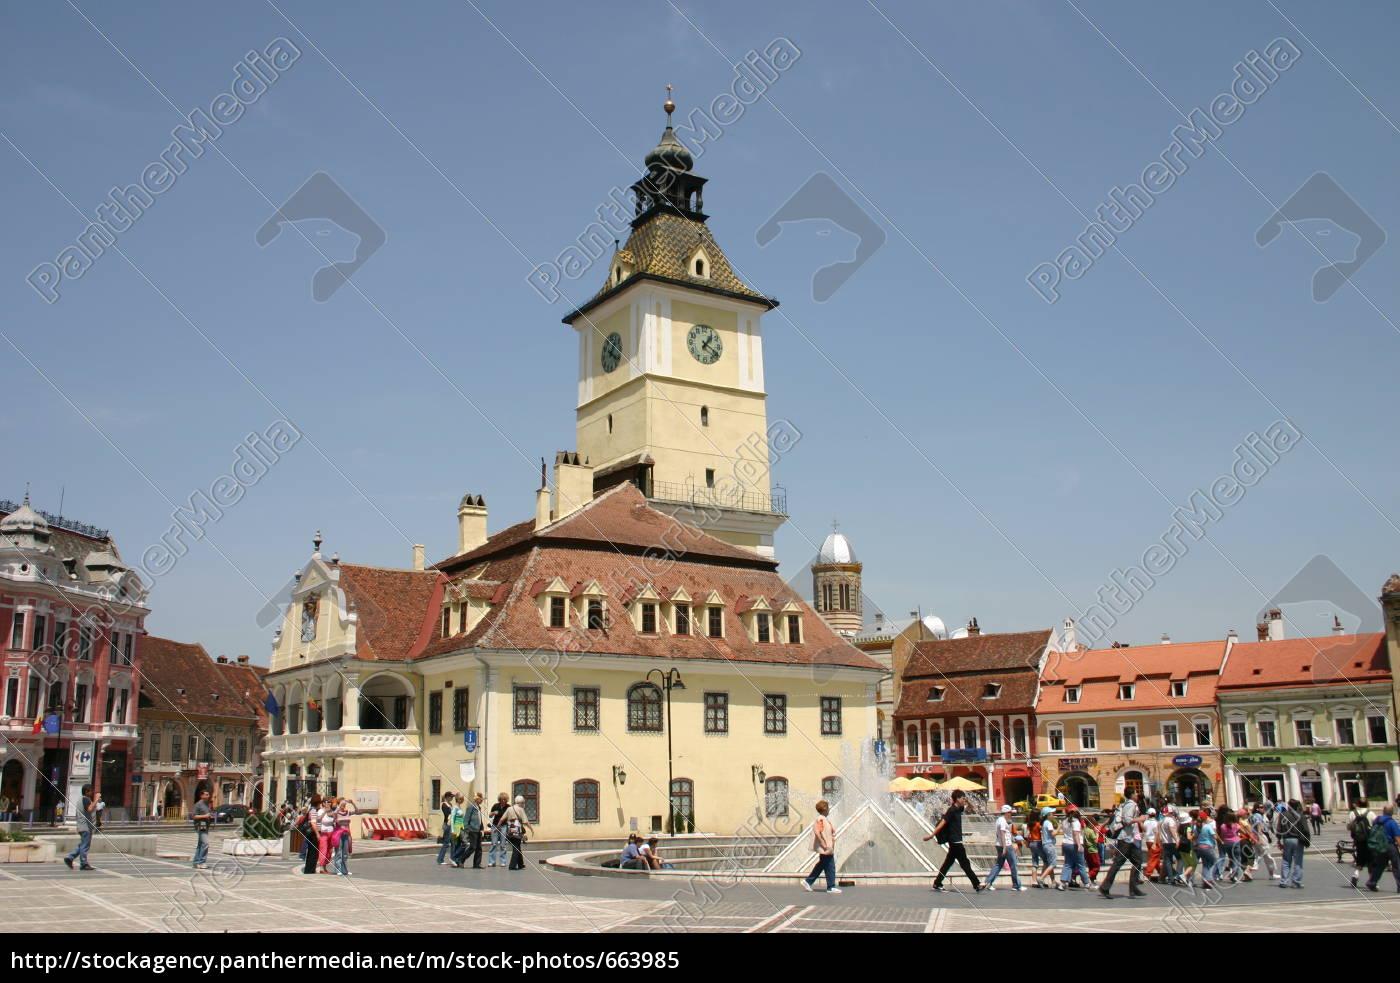 center, of, brasov - 663985